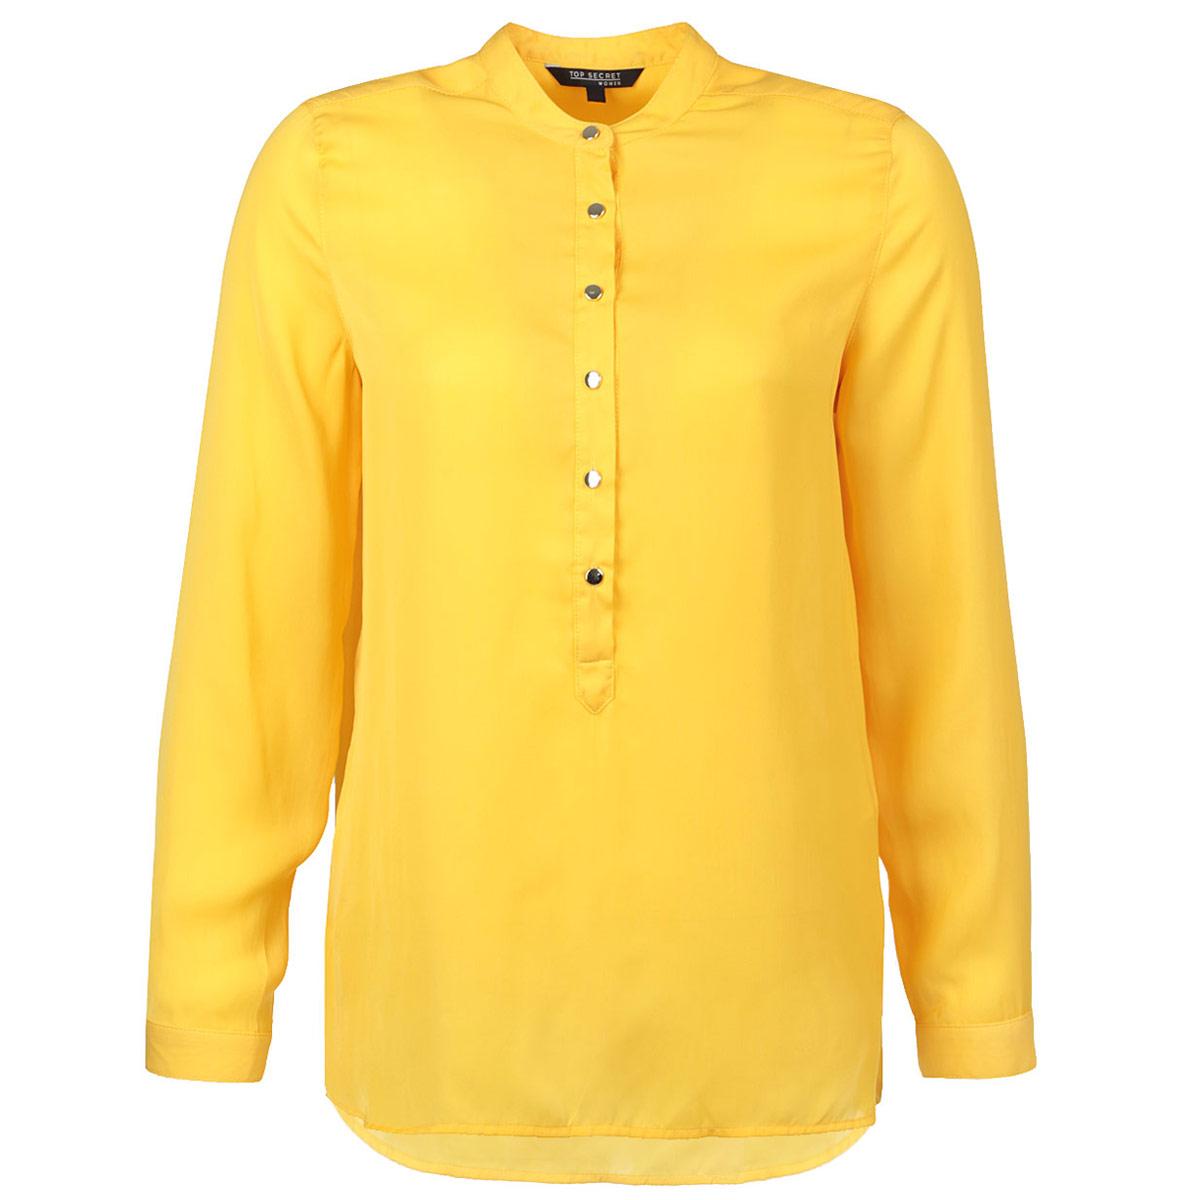 Блузка. SKL1702ZOSKL1702ZOСтильная блузка Top Secret выполнена из легкого полиэстера. Модель с круглым вырезом горловины, длинными рукавами и полукруглым низом. Спереди изделие застегивается на пуговицы до середины длины. Манжеты также застегиваются на пуговицы. Спинка модели удлиненная. Оригинальный дизайн этой блузки не позволит вам остаться незамеченной!